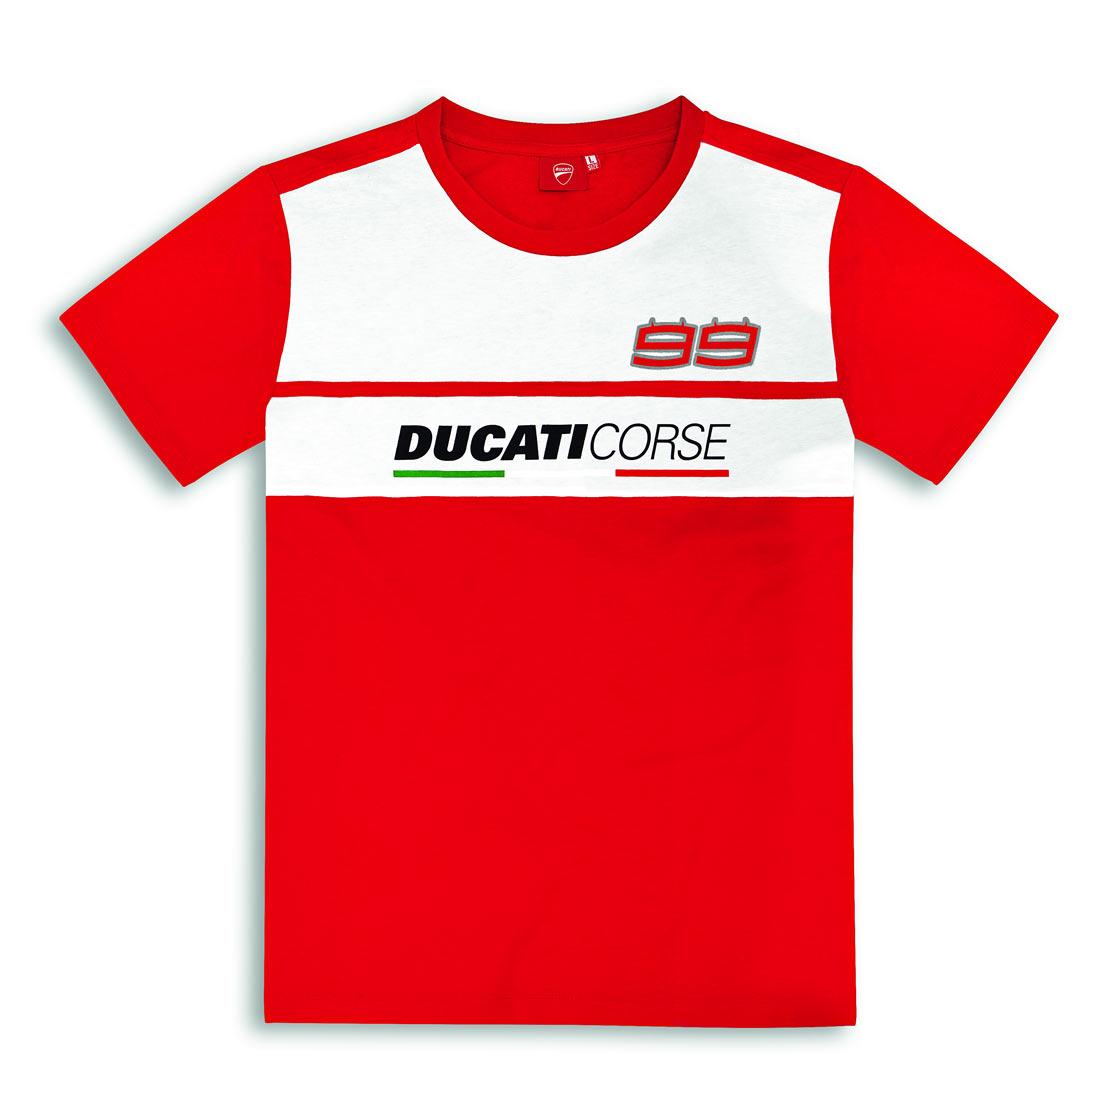 T-shirt Tee DUCATI Corse Motogp Lorenzo 99 Homme Vélo Moto Noir Nouveau!